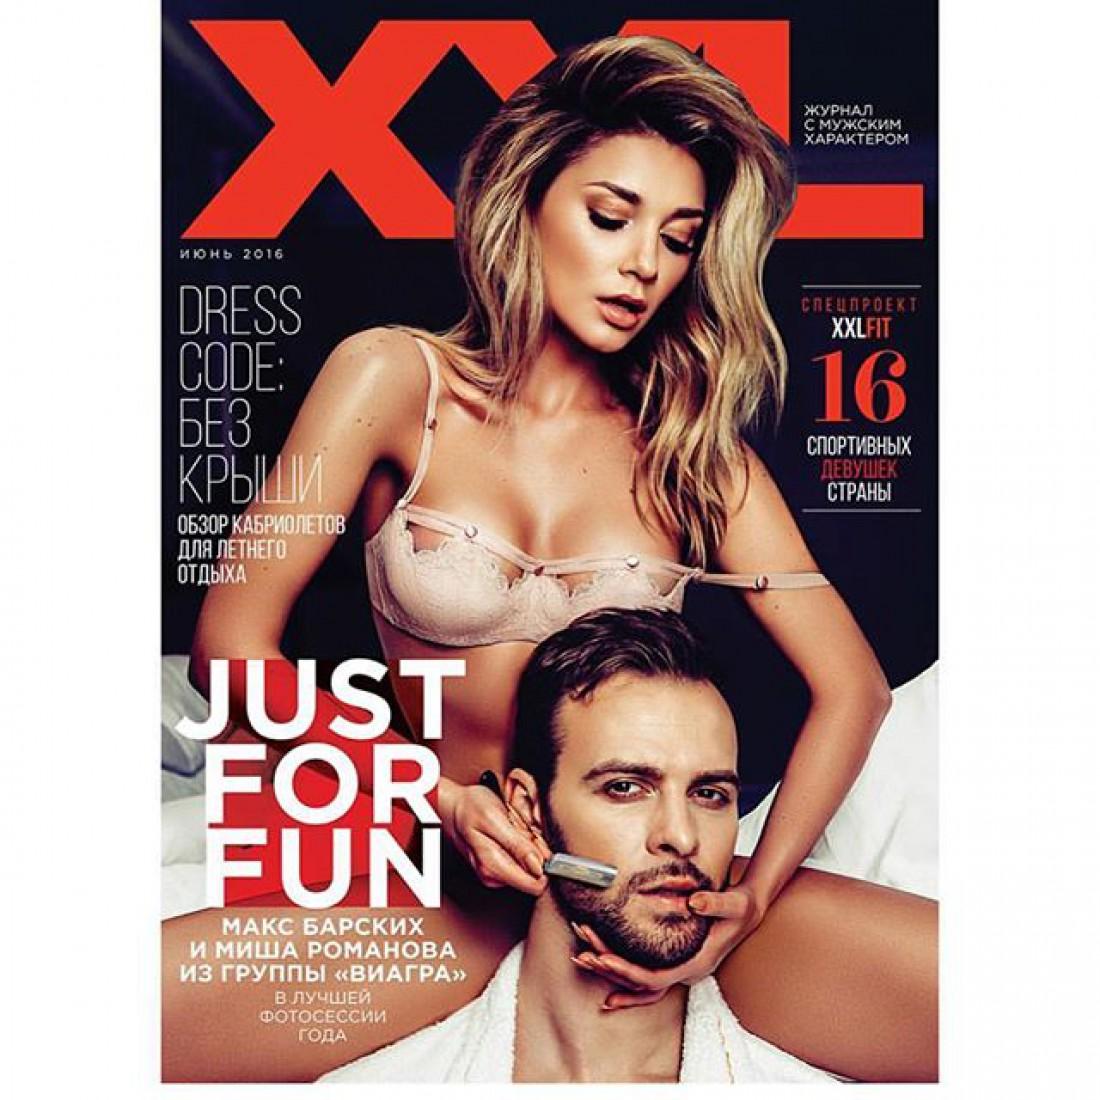 Макс  и Миша для журнала XXL